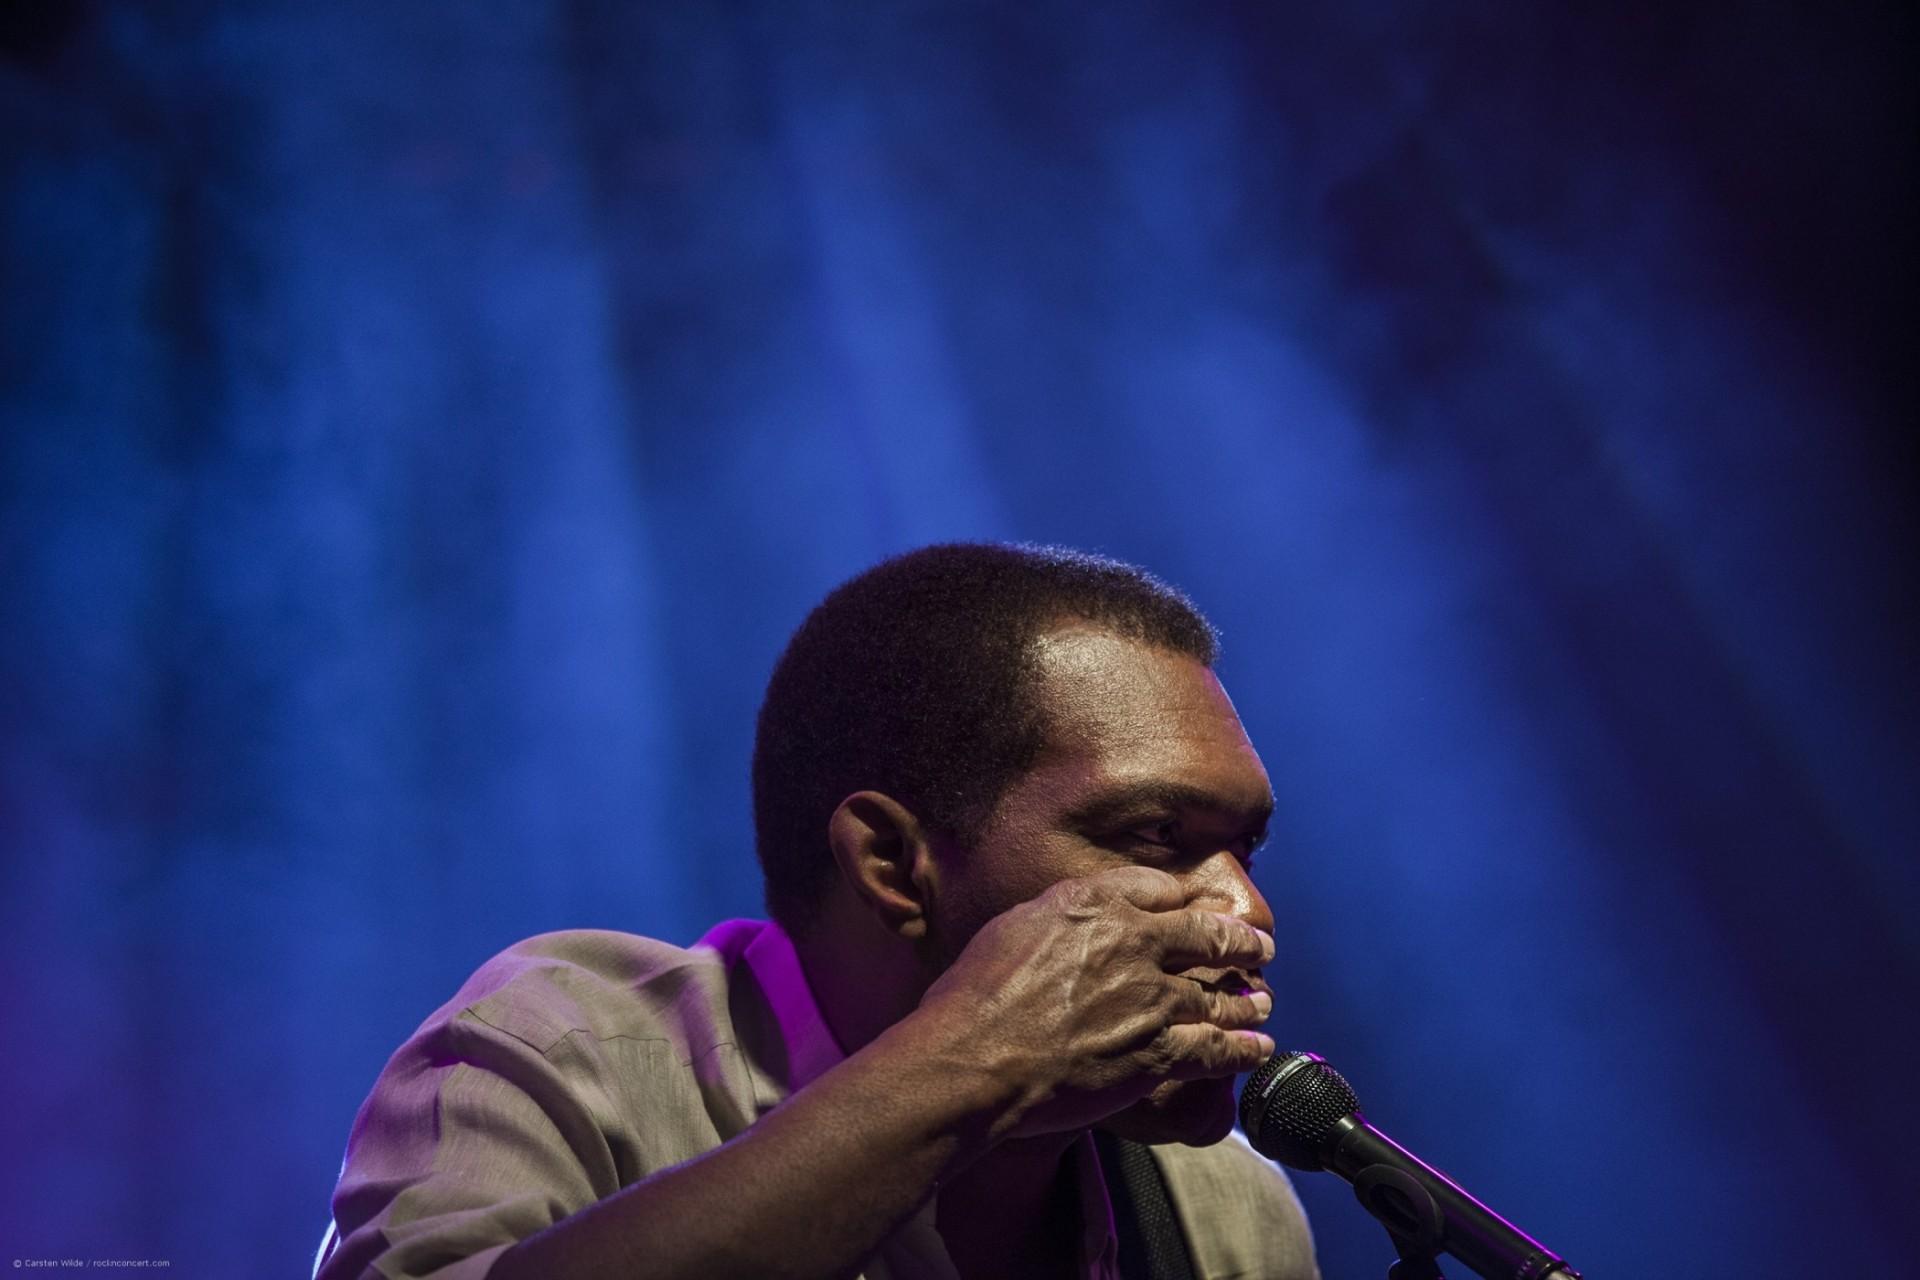 Robert-Cray-concert photoshooting paris